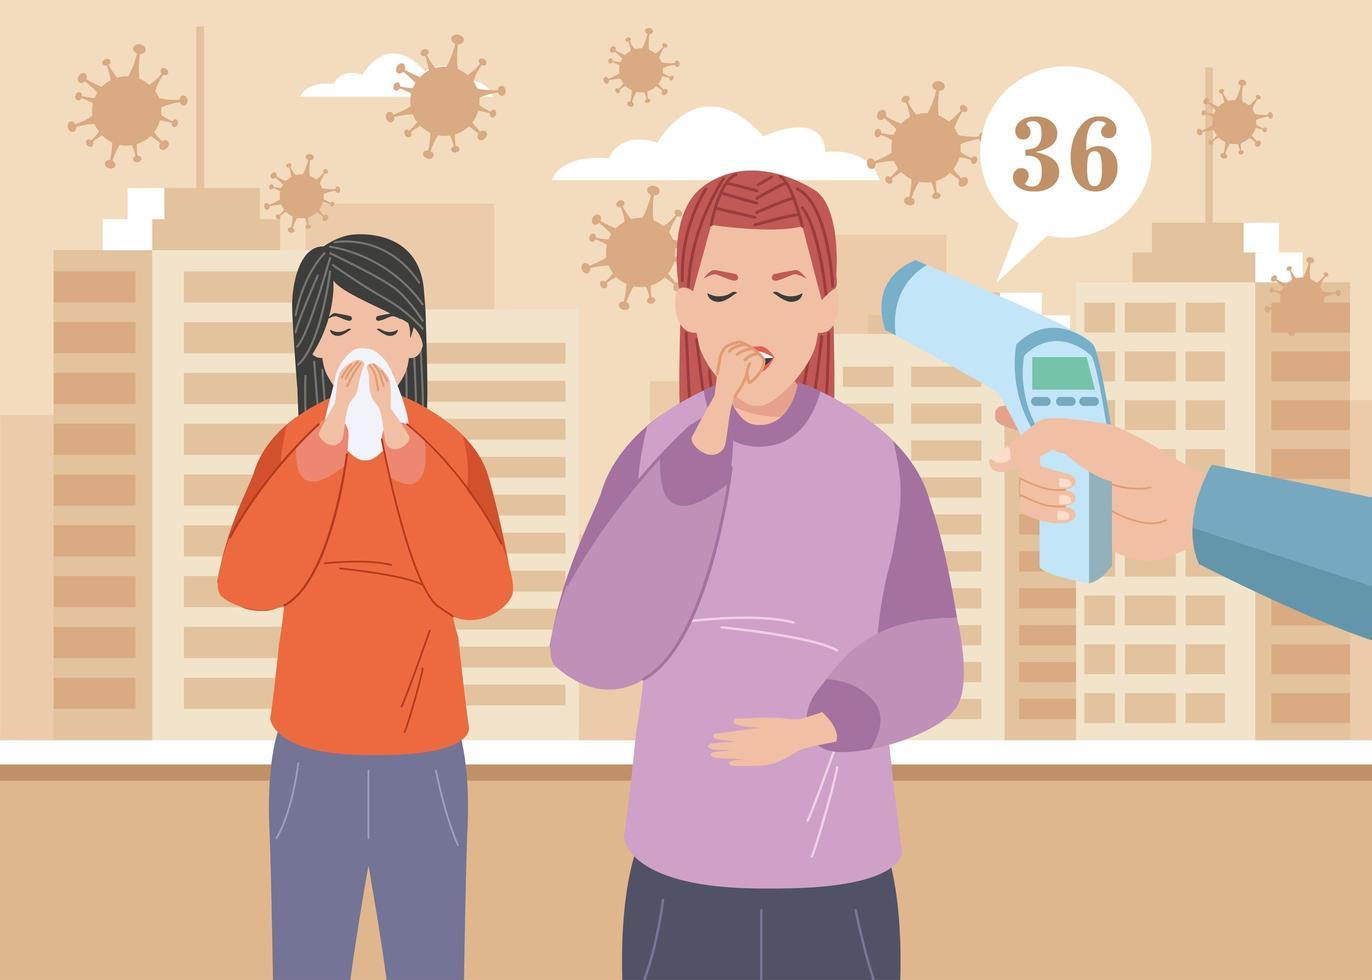 kranke Mädchen mit 19 Symptomen vektor